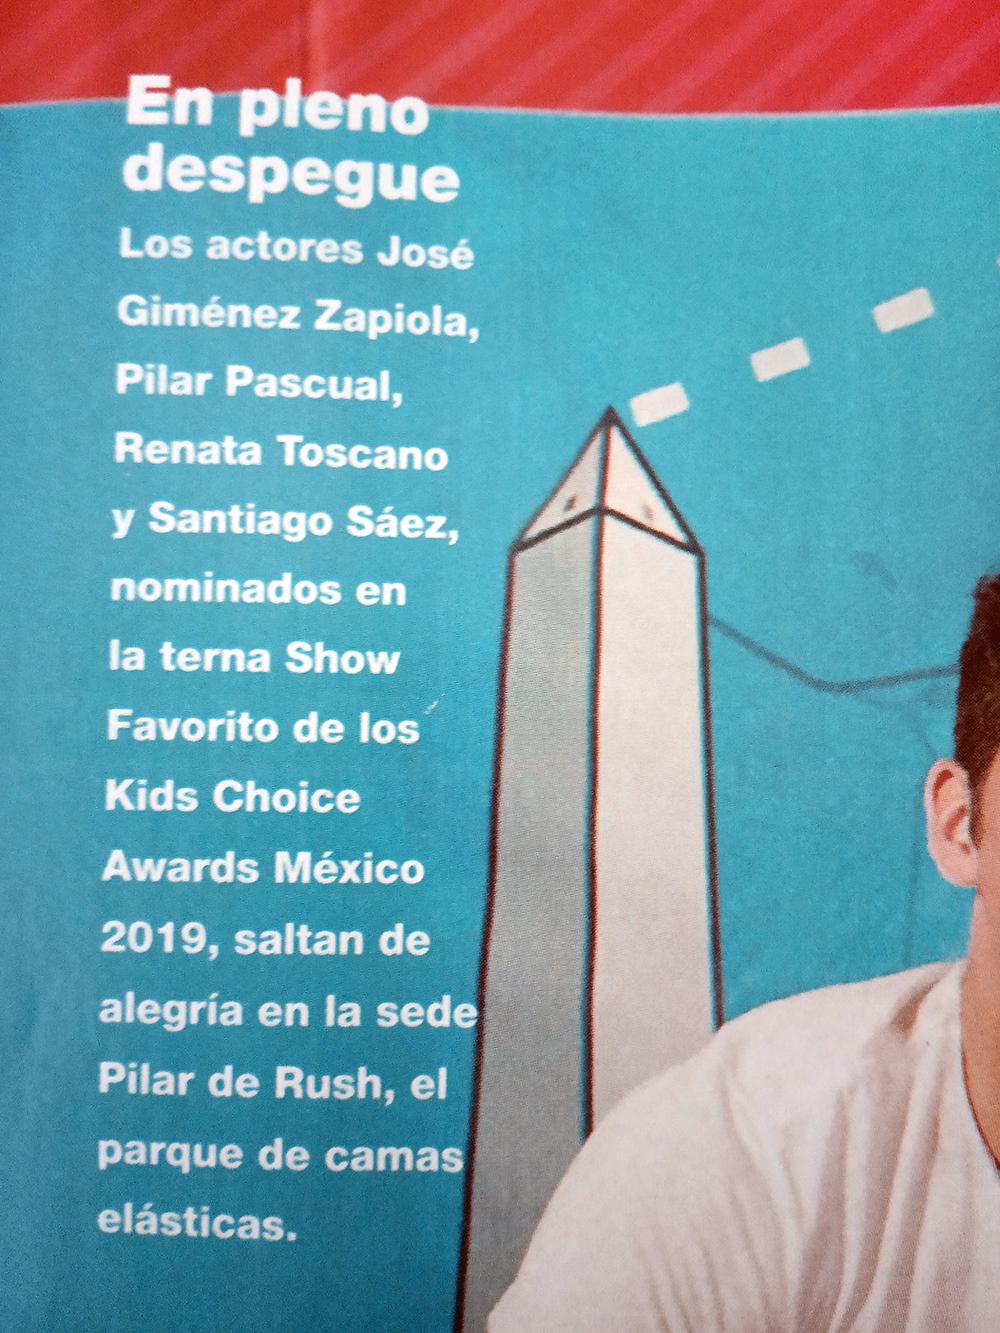 16-7-19 Revista Gente-Go